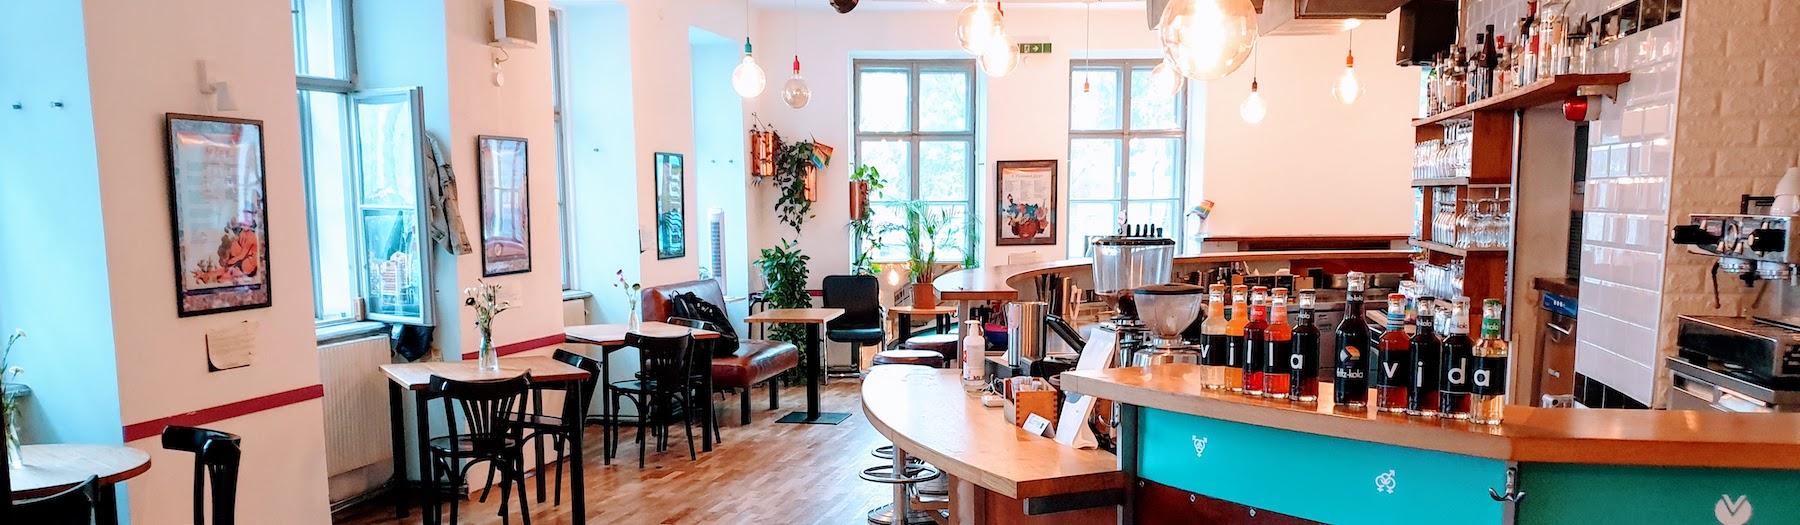 Vila Vida Cafe